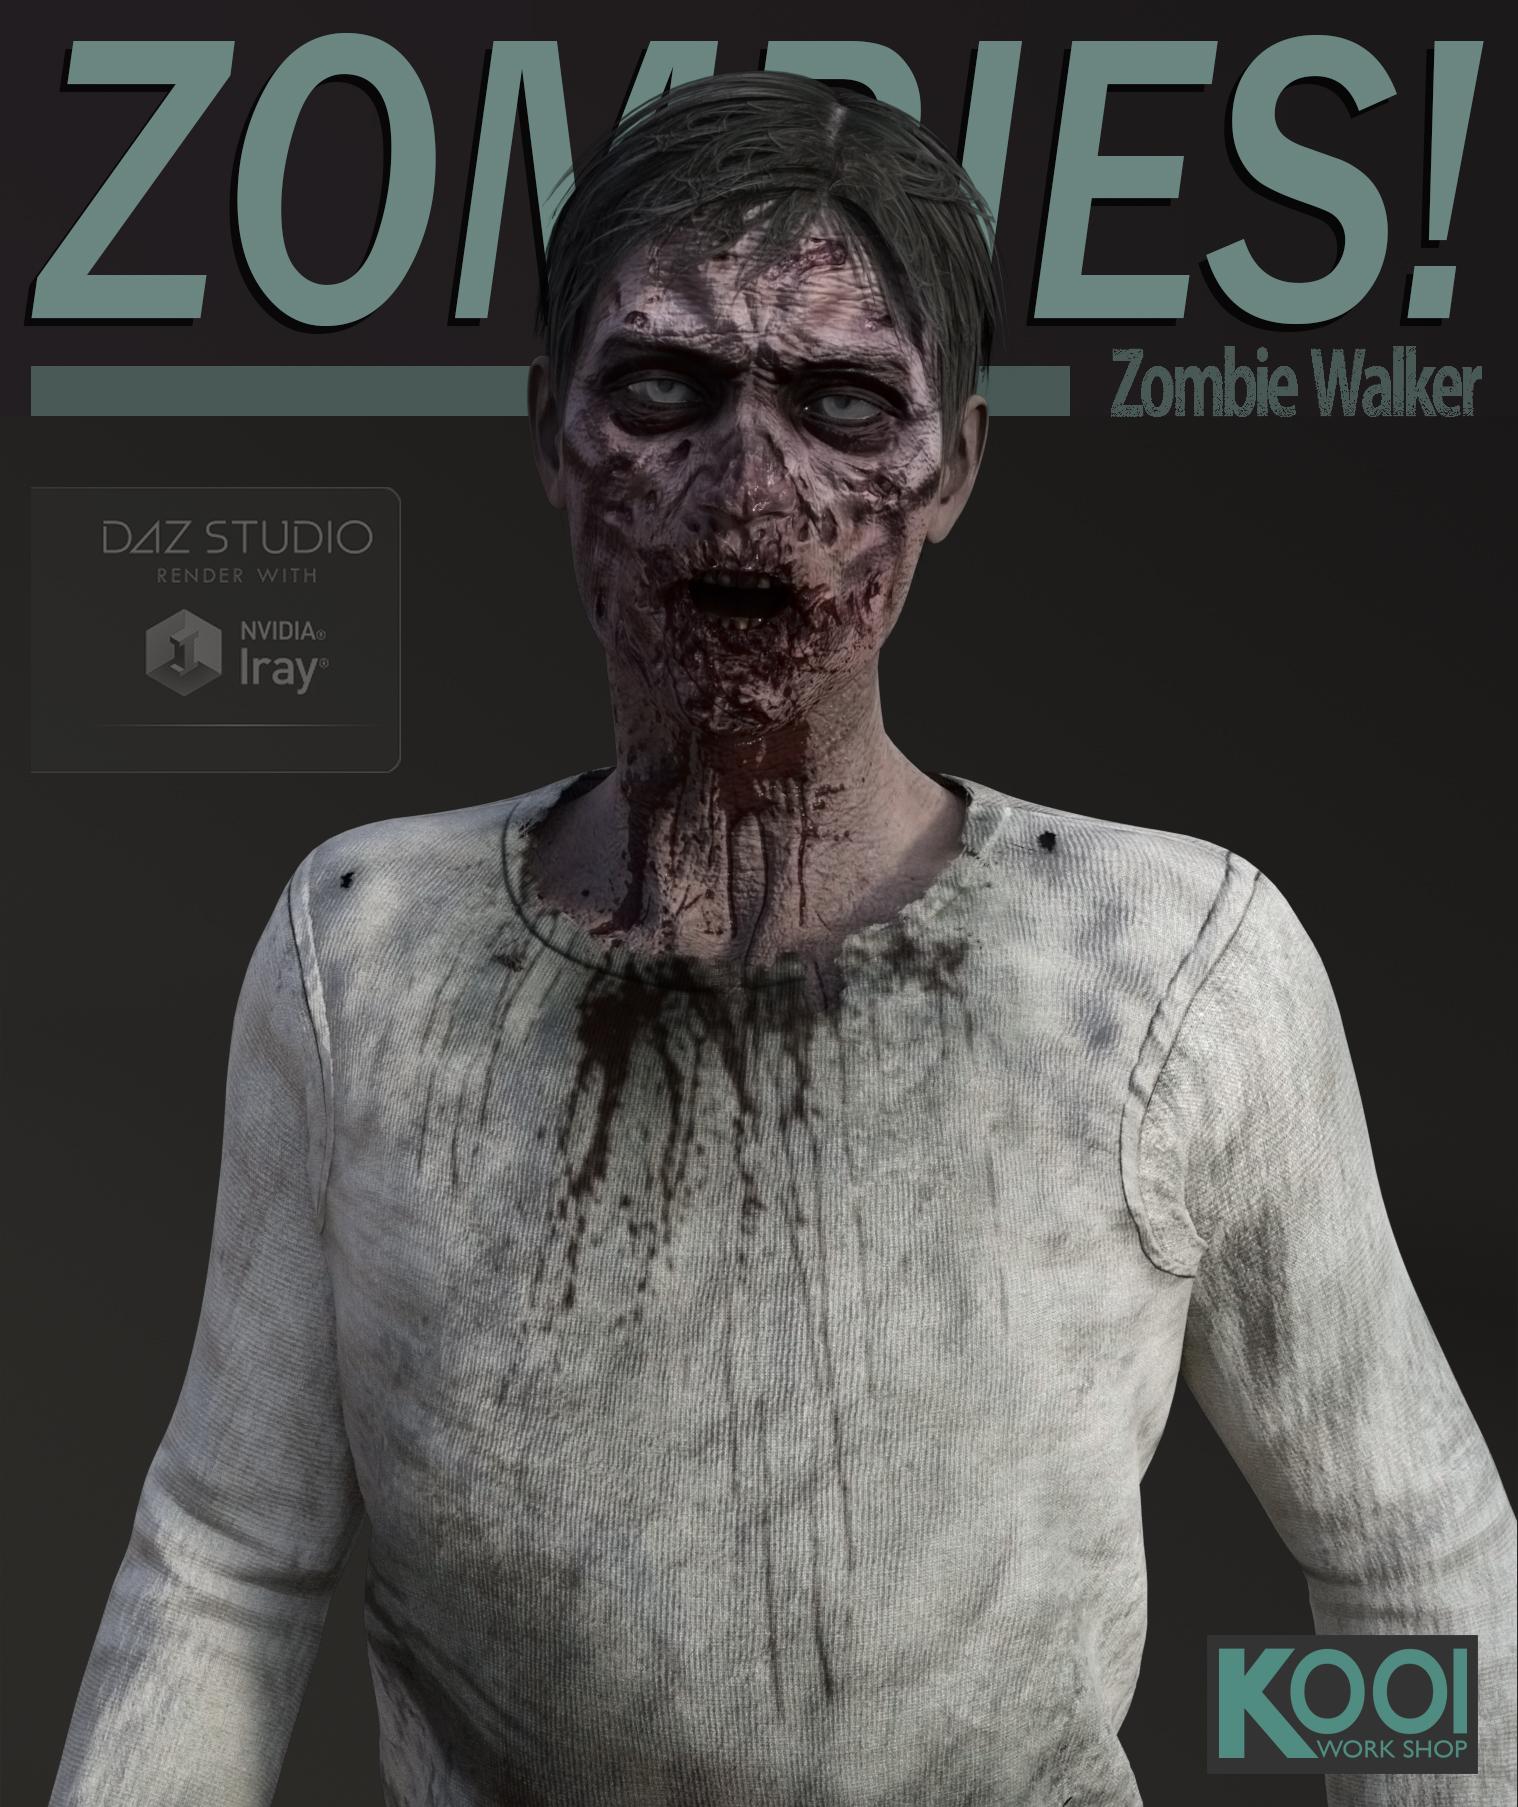 Zombie Walker by: Kool, 3D Models by Daz 3D